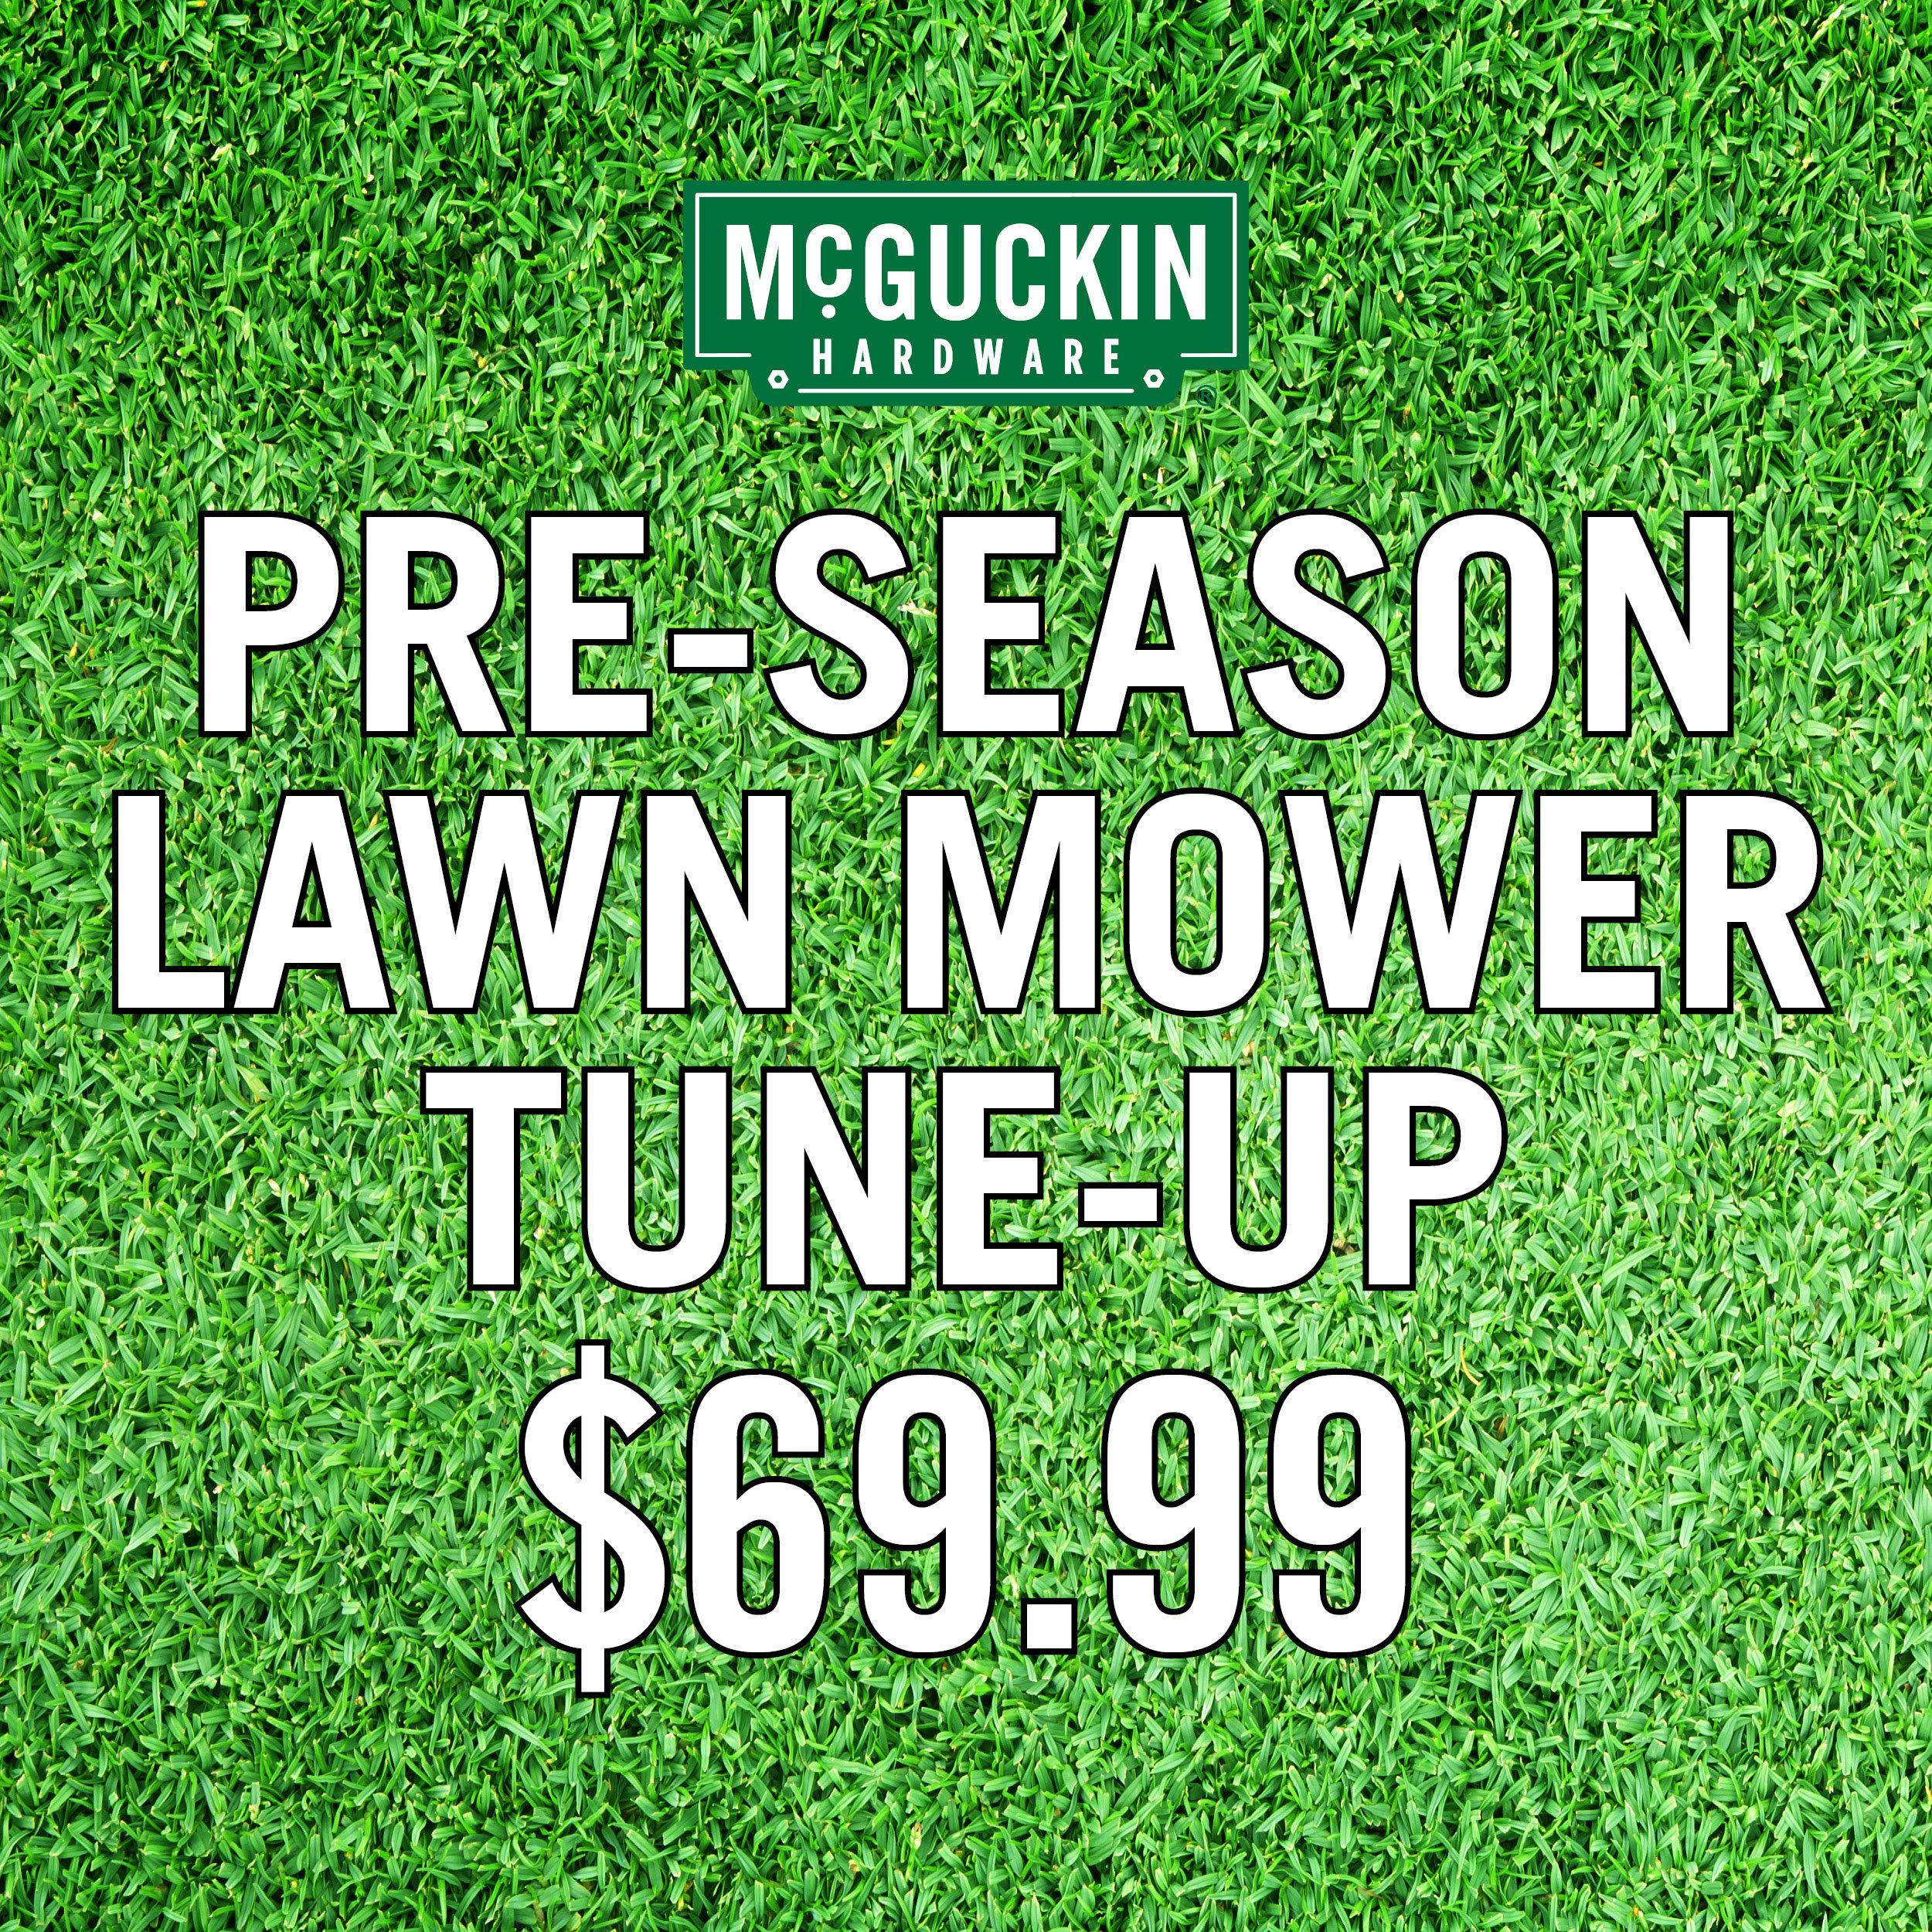 McGuckin Hardware Pre-season lawn mower tune up